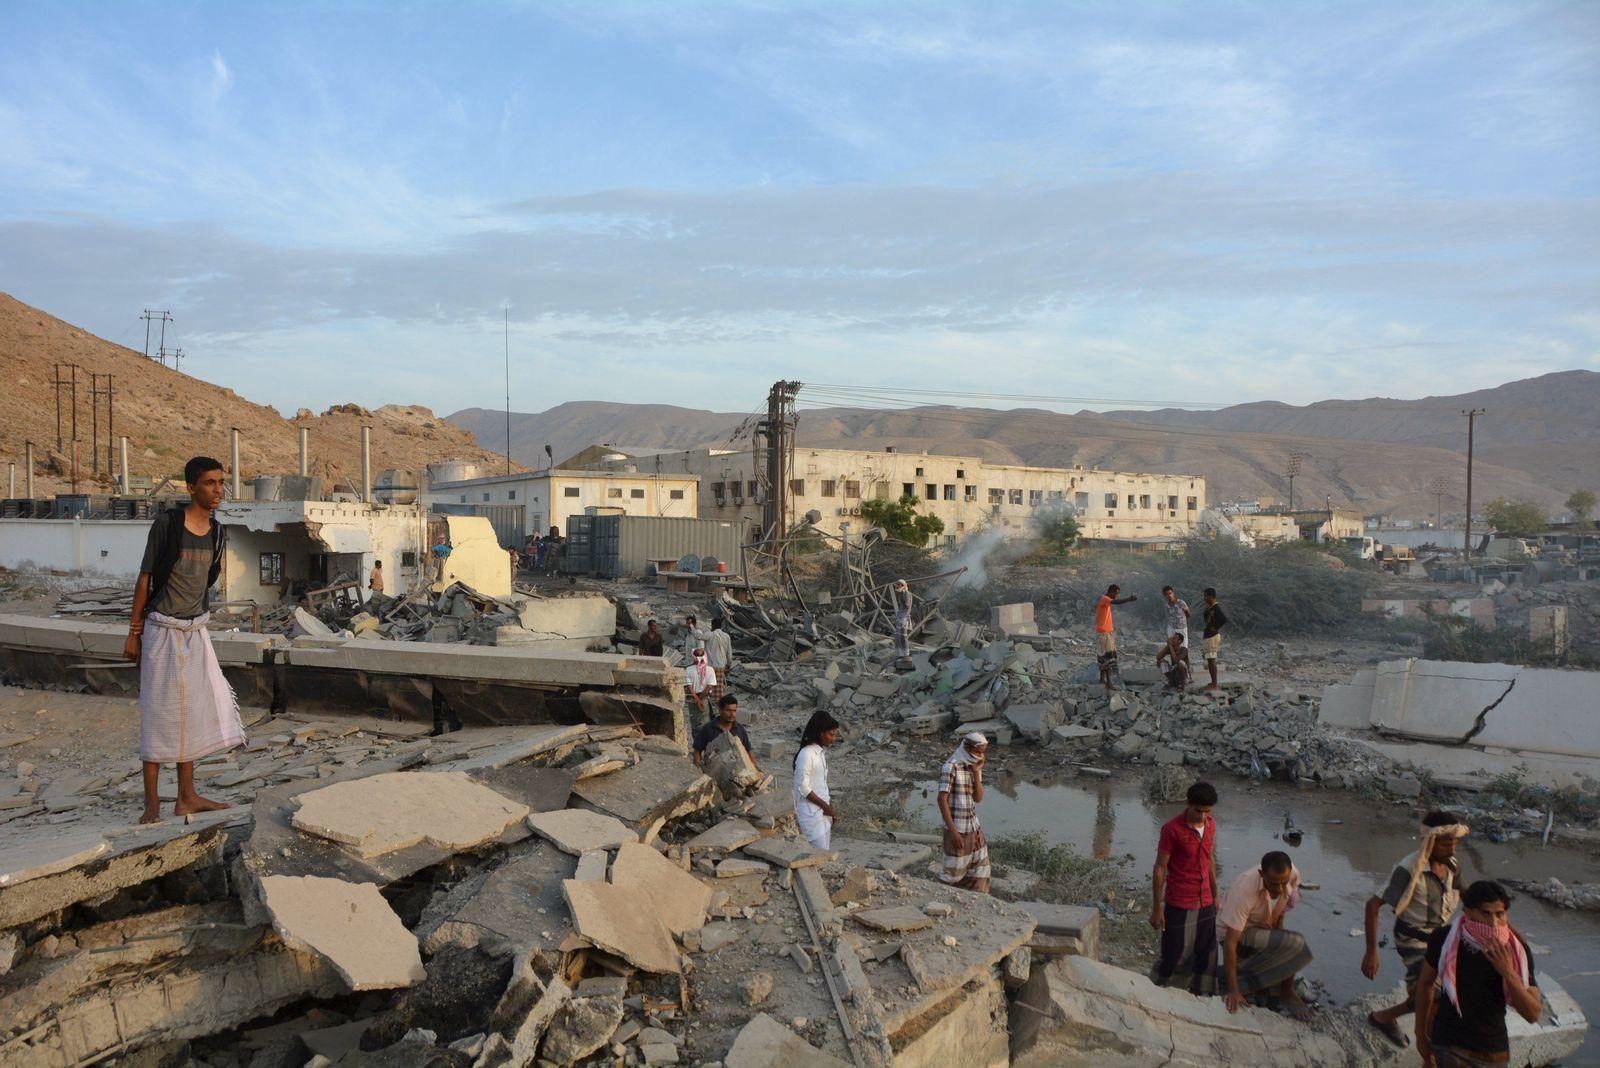 Jemen Mukalla